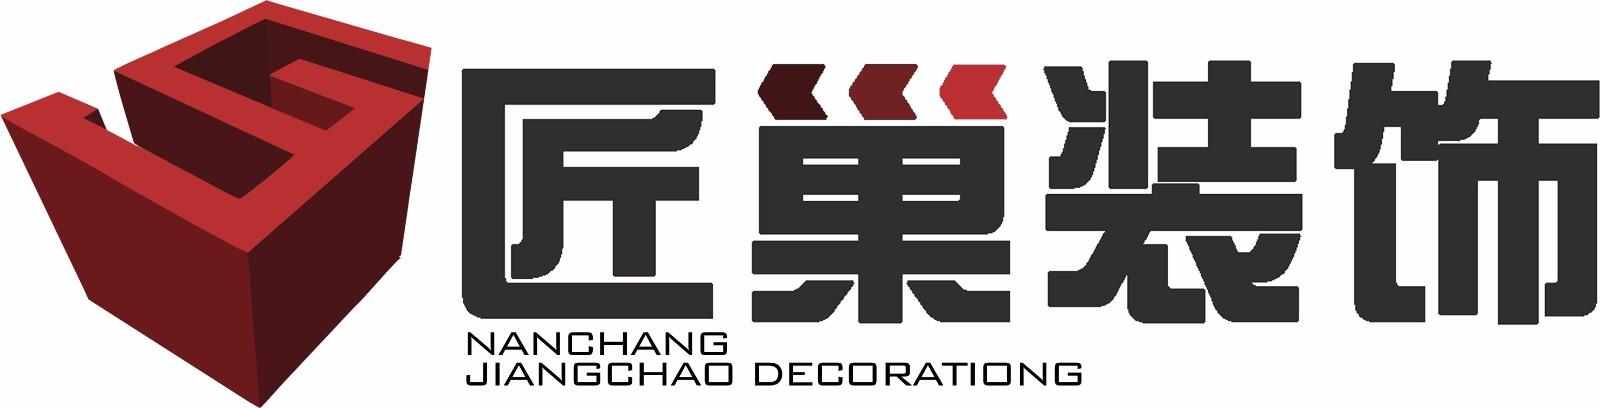 南昌市匠巢设计装饰有限公司